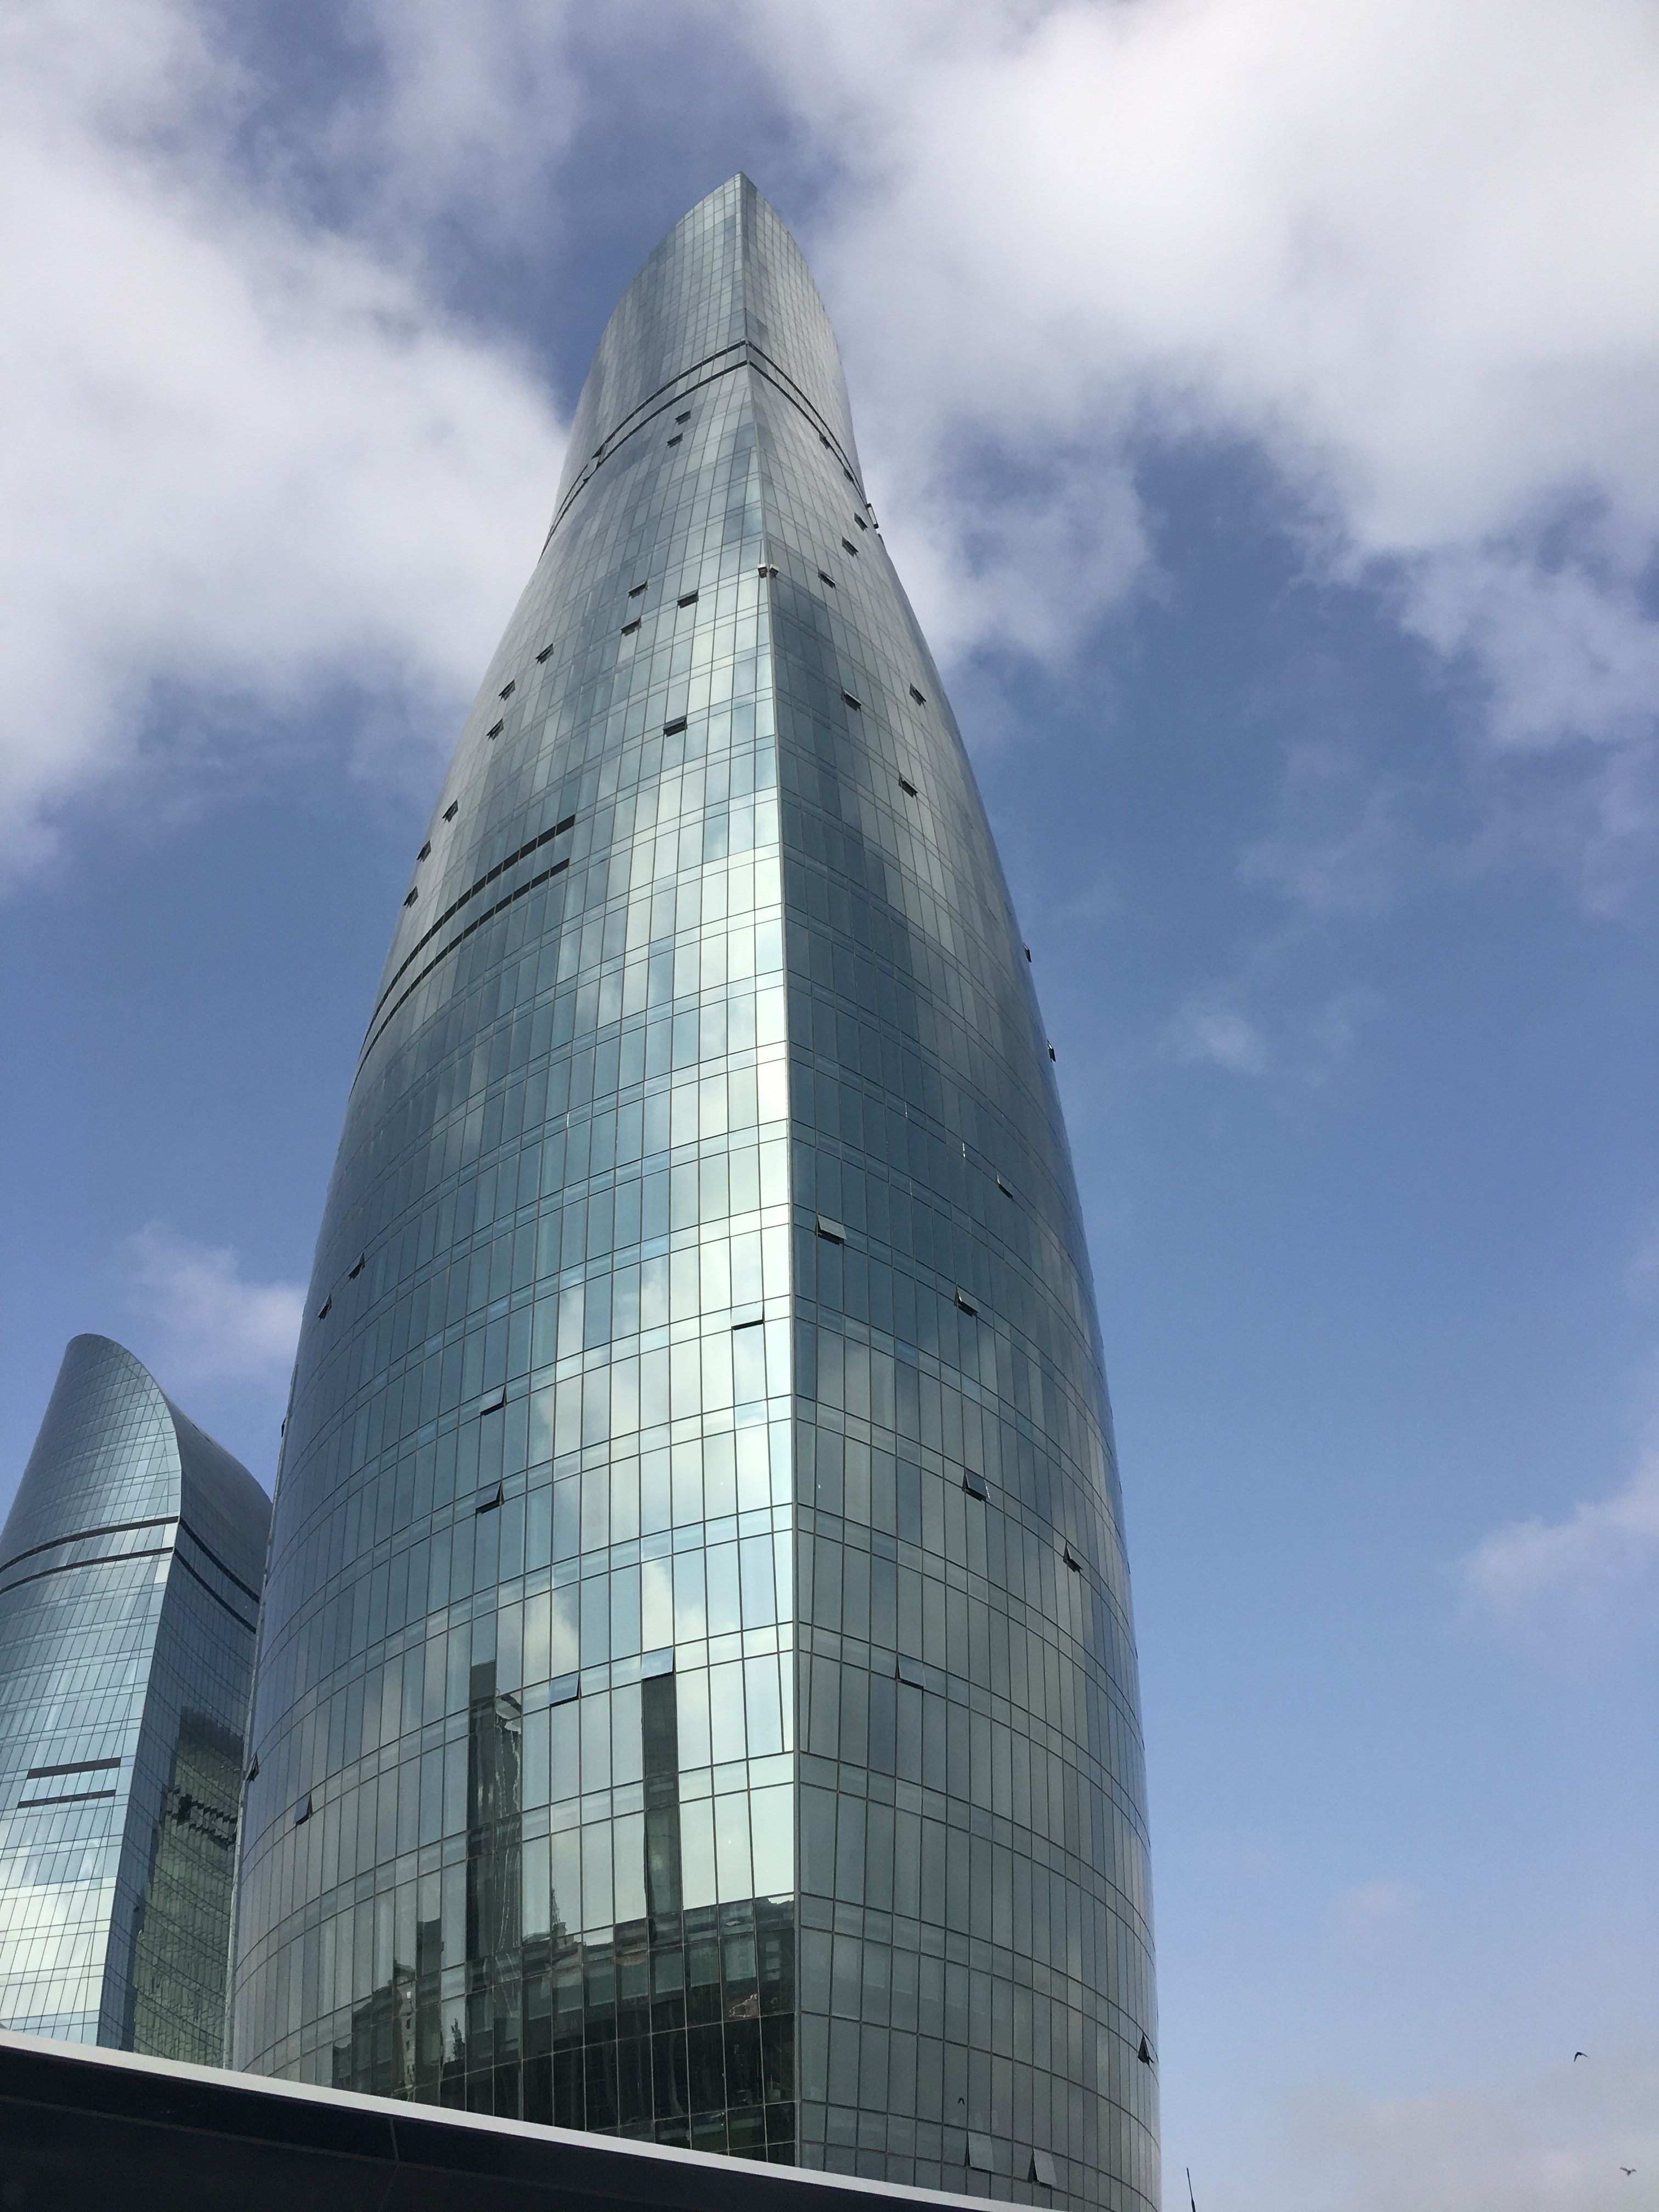 アゼルバイジャン旅行記のブログ